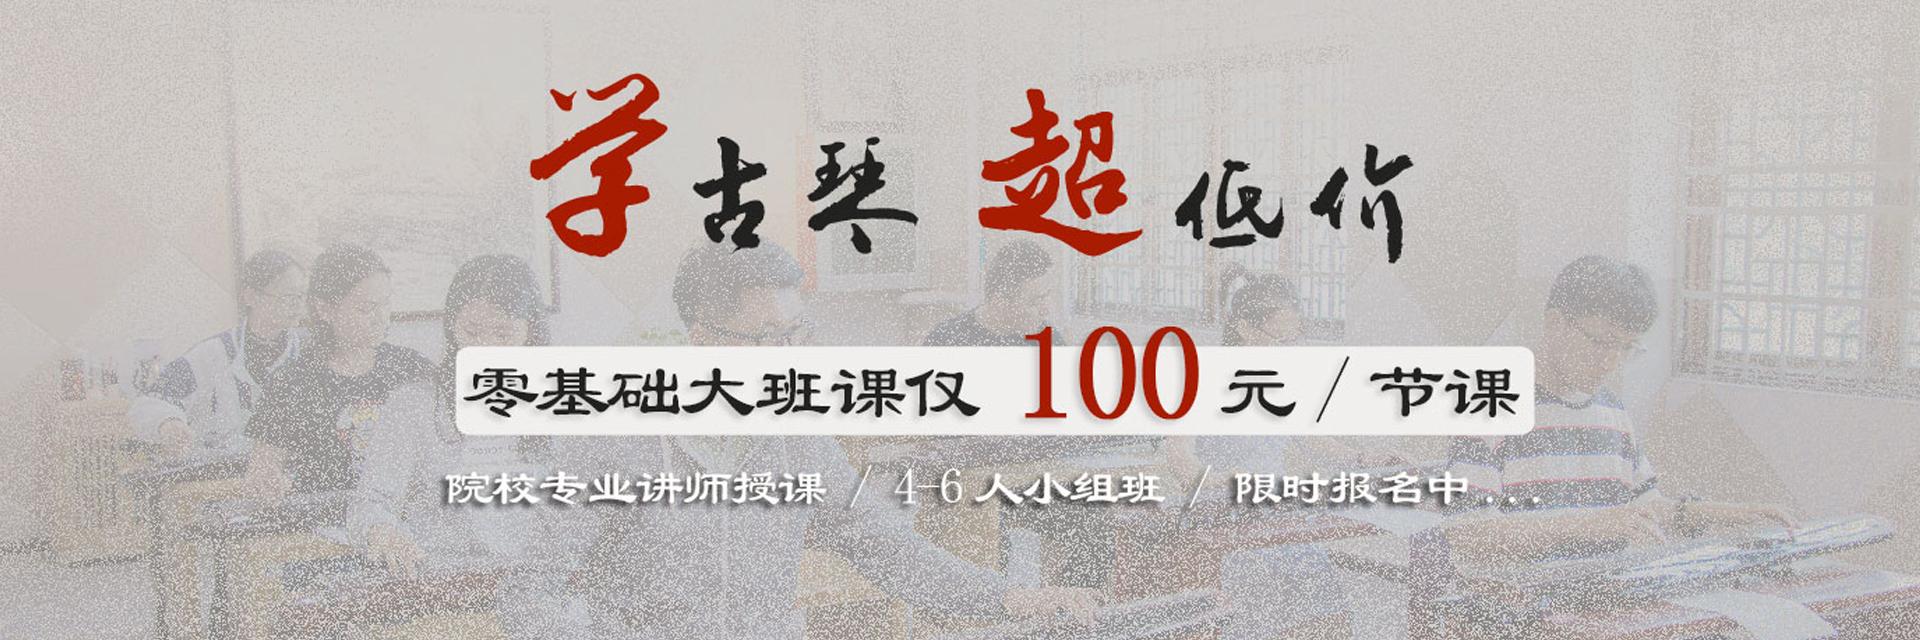 琴枫国乐专业古筝培训20年